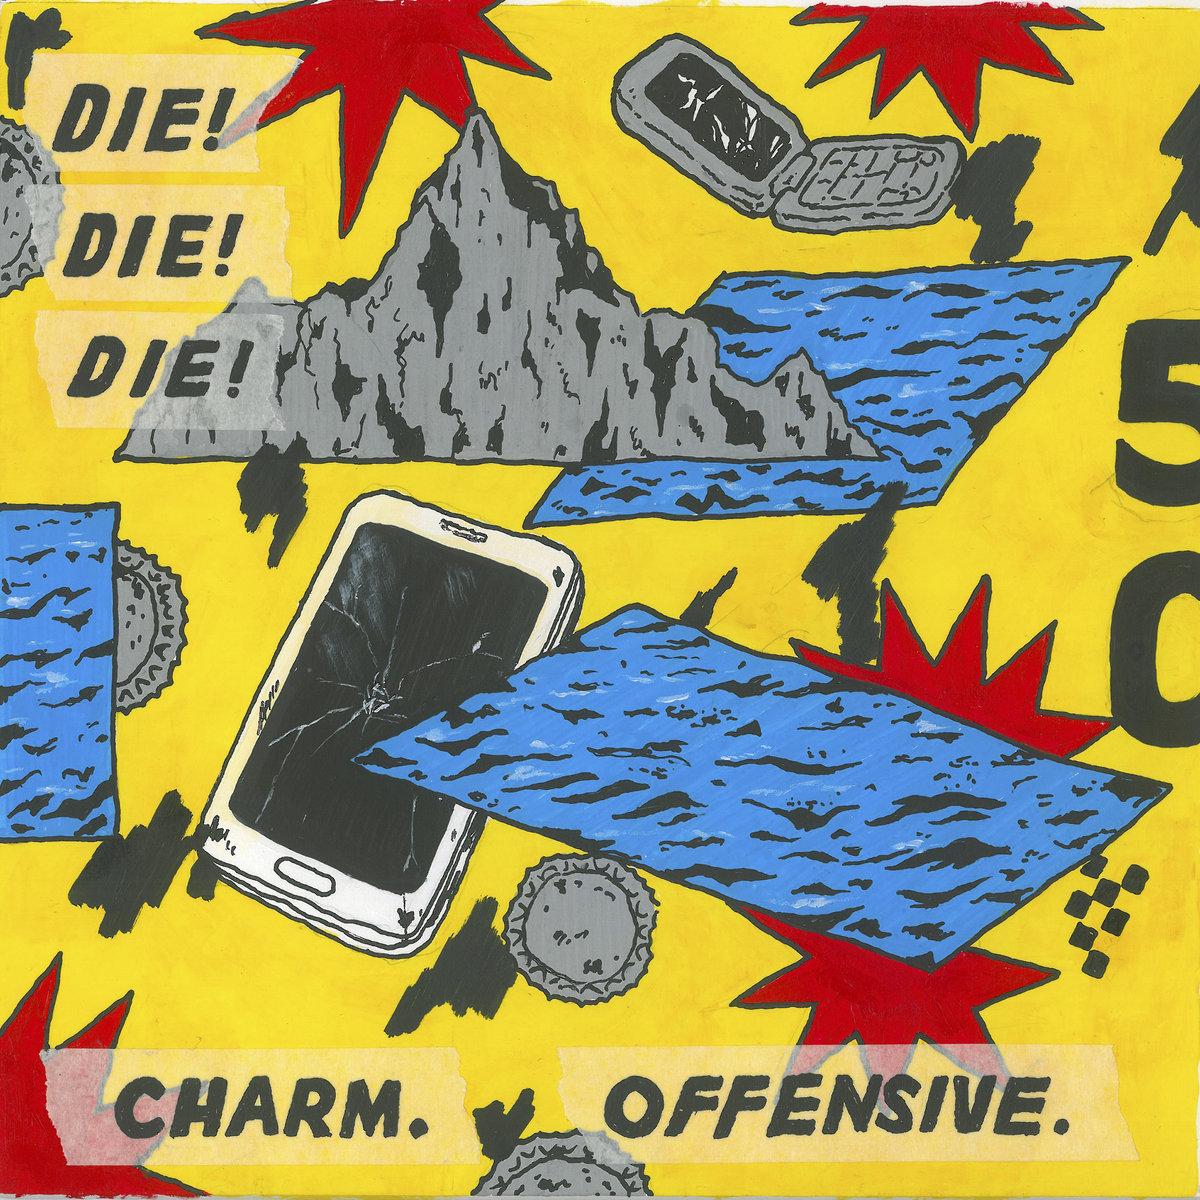 Charm. Offensive<br/> by Die! Die! Die!